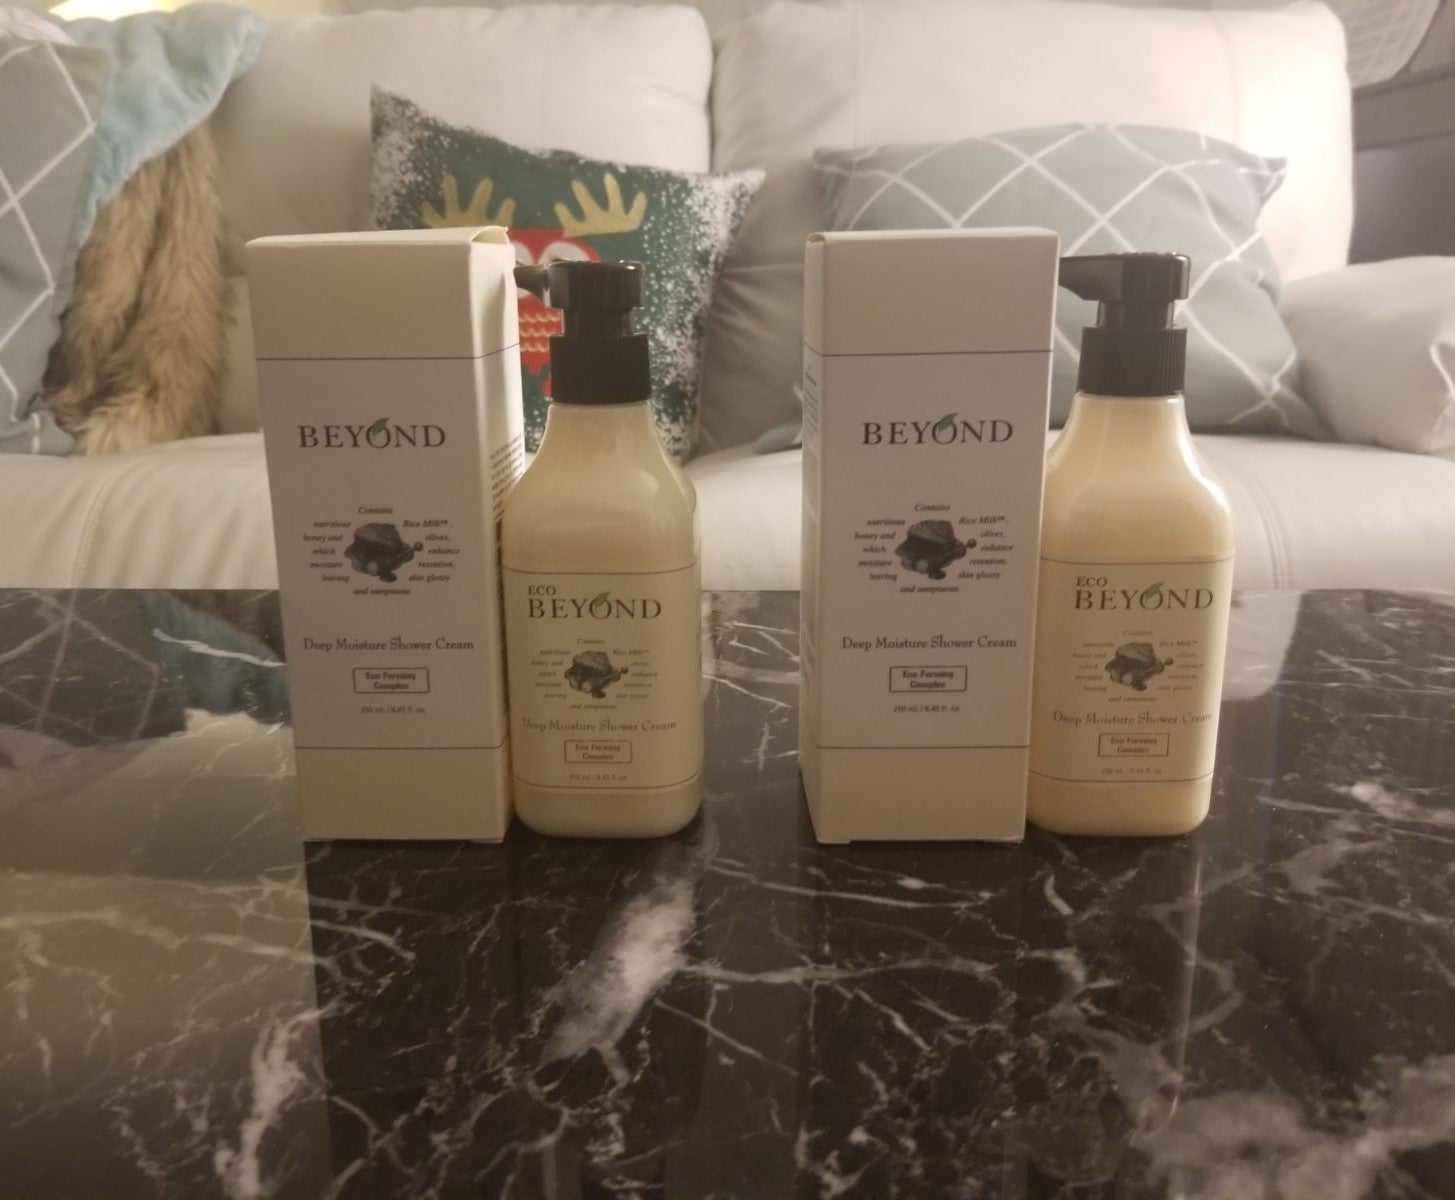 2x Beyond Deep Moisture Shower Cream